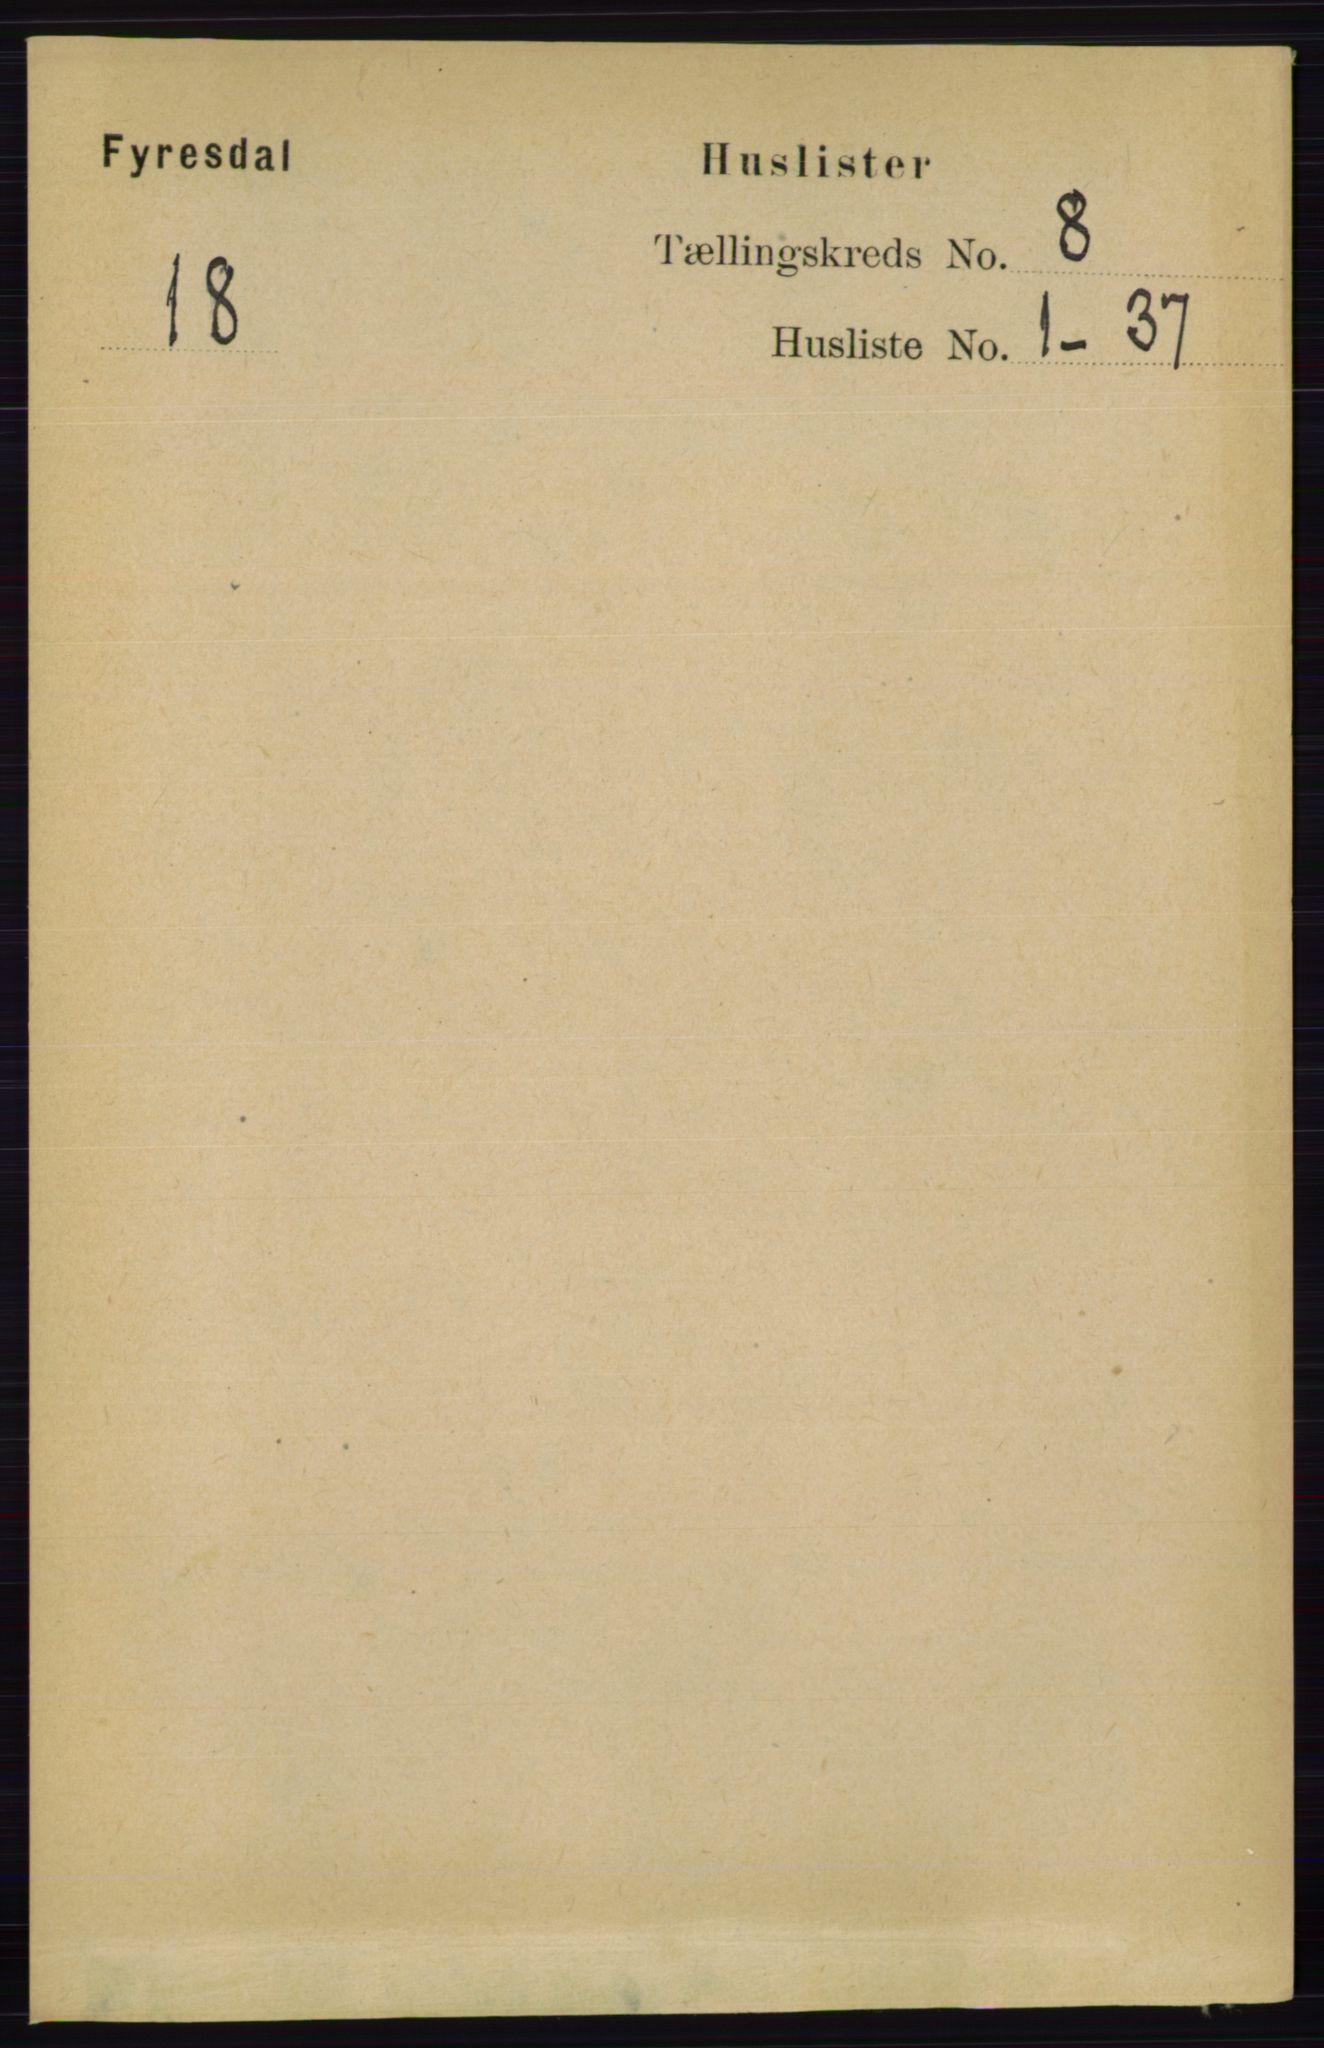 RA, Folketelling 1891 for 0831 Fyresdal herred, 1891, s. 2133